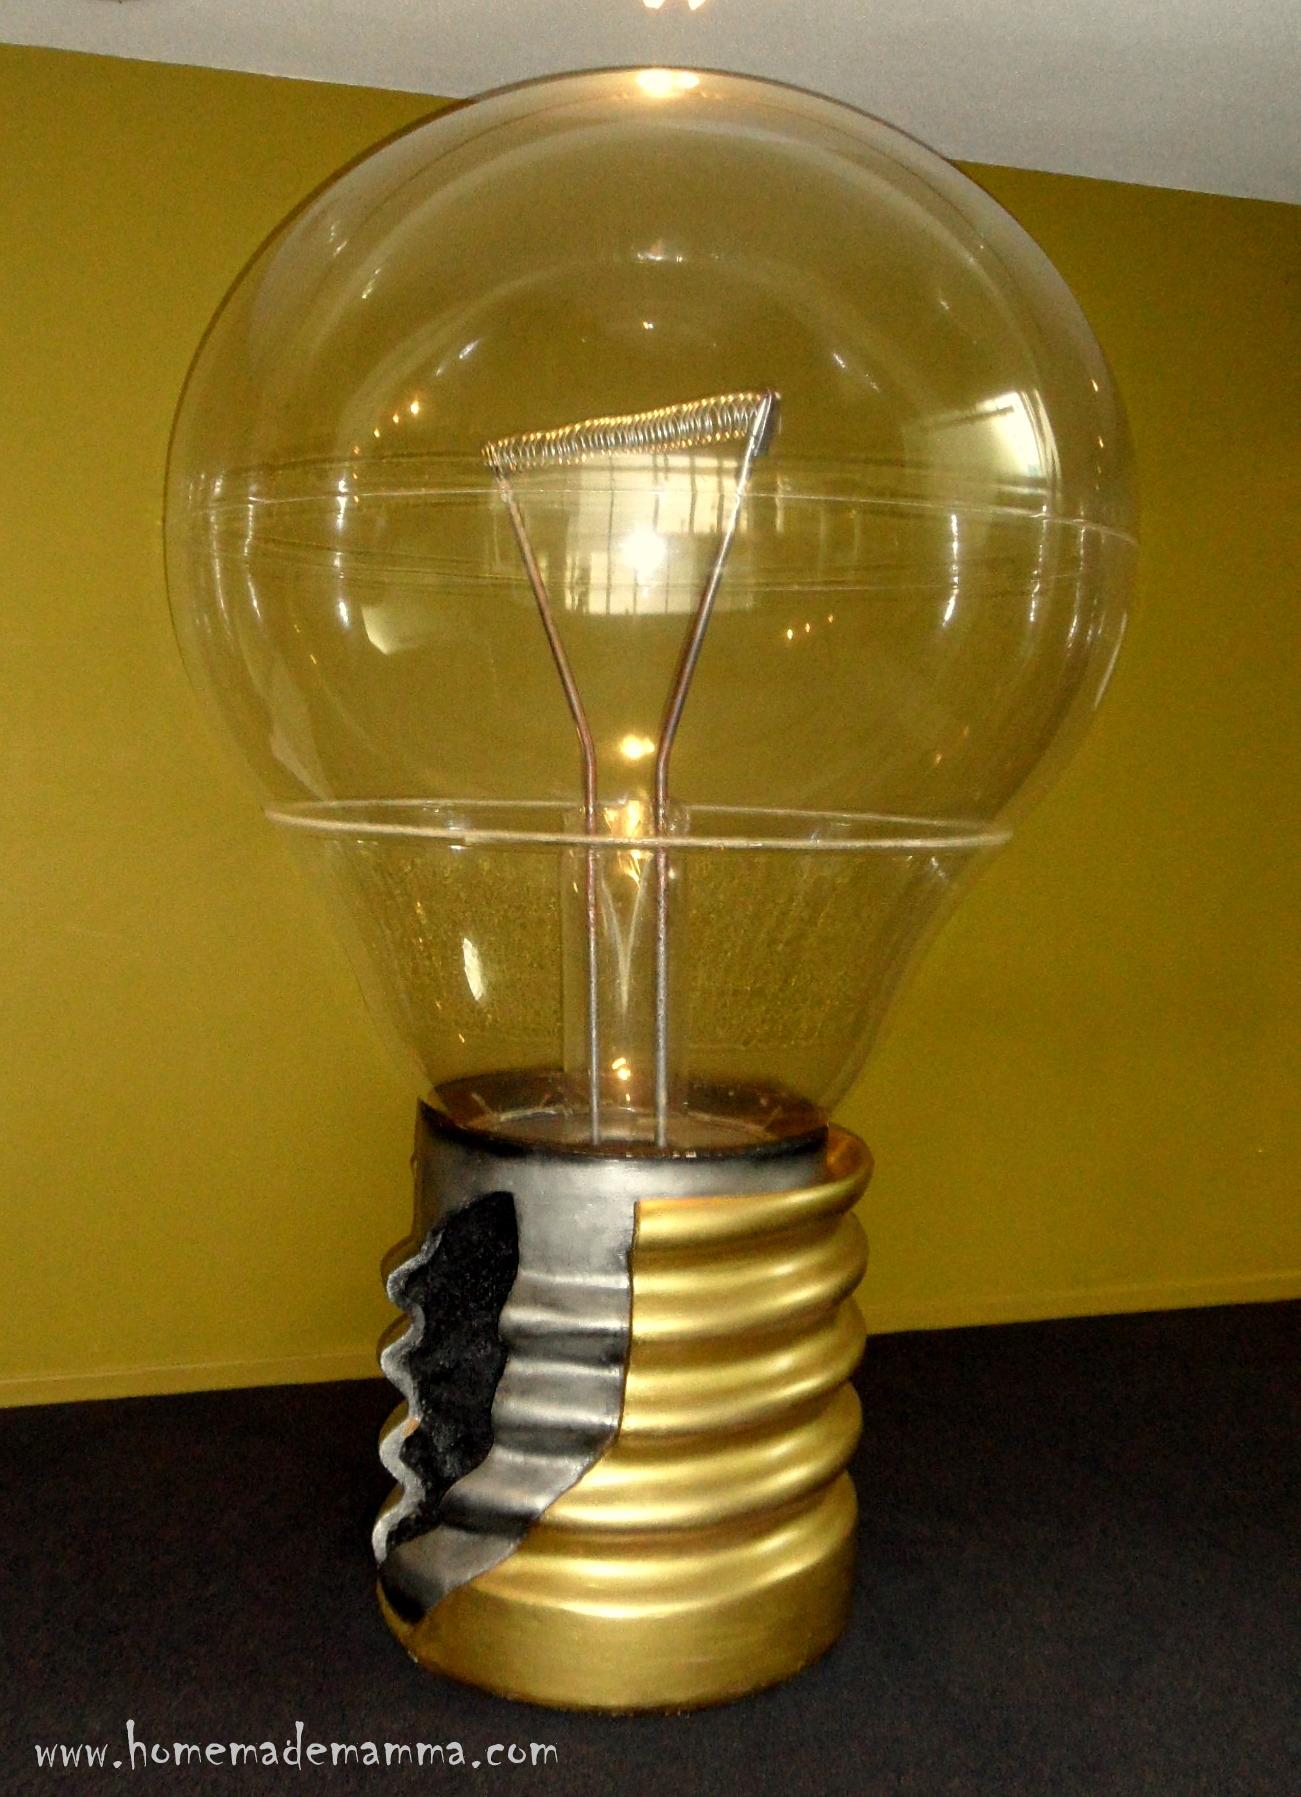 scoperta della lampadina : scuola di creativit? ovvero come far nascere le idee